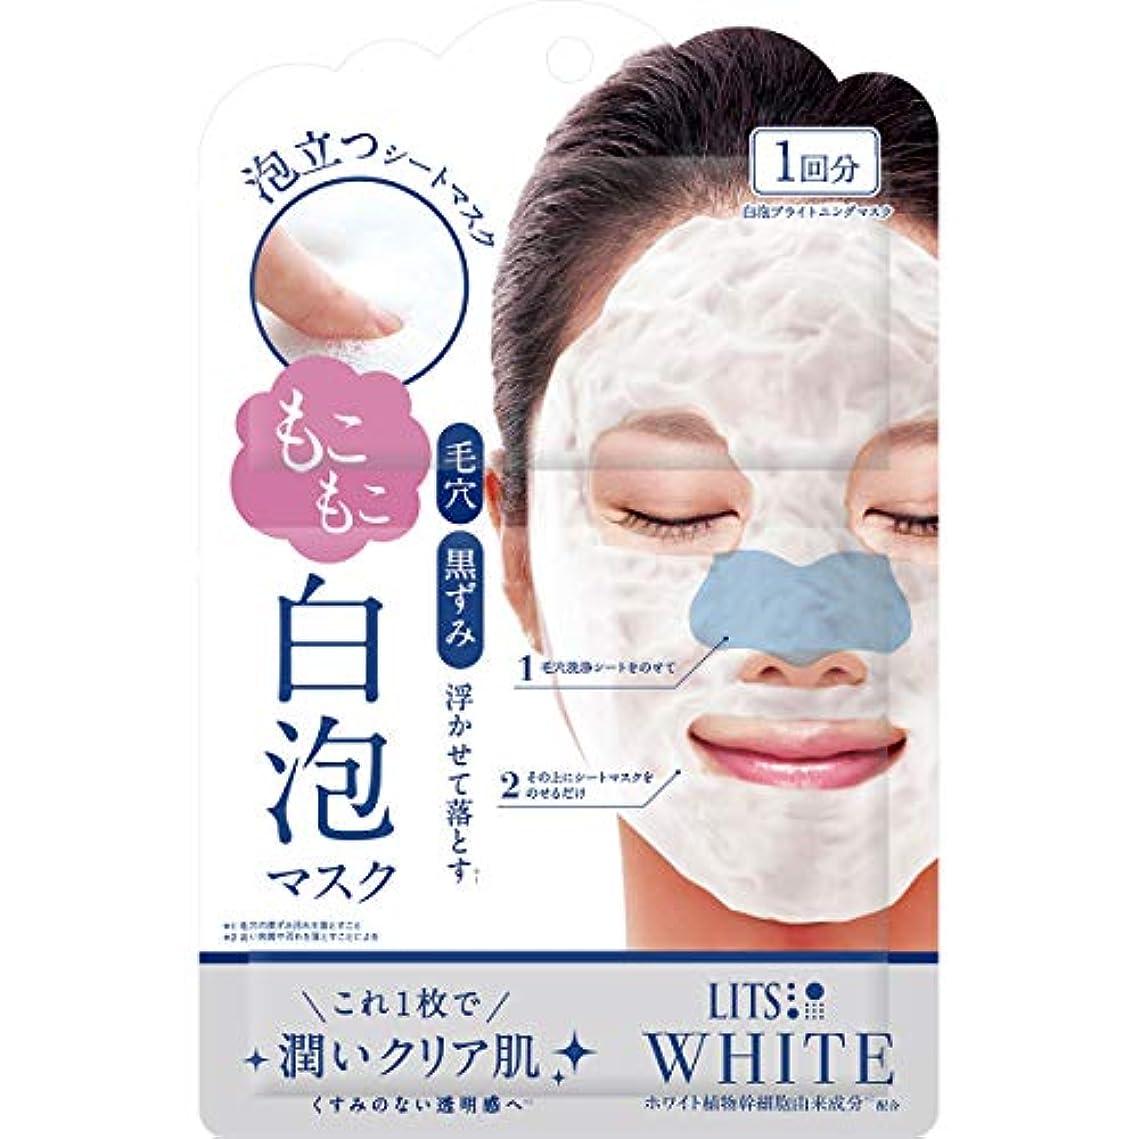 ケーブルカー塗抹パラダイスリッツ ホワイト もこもこ白泡マスク 1枚